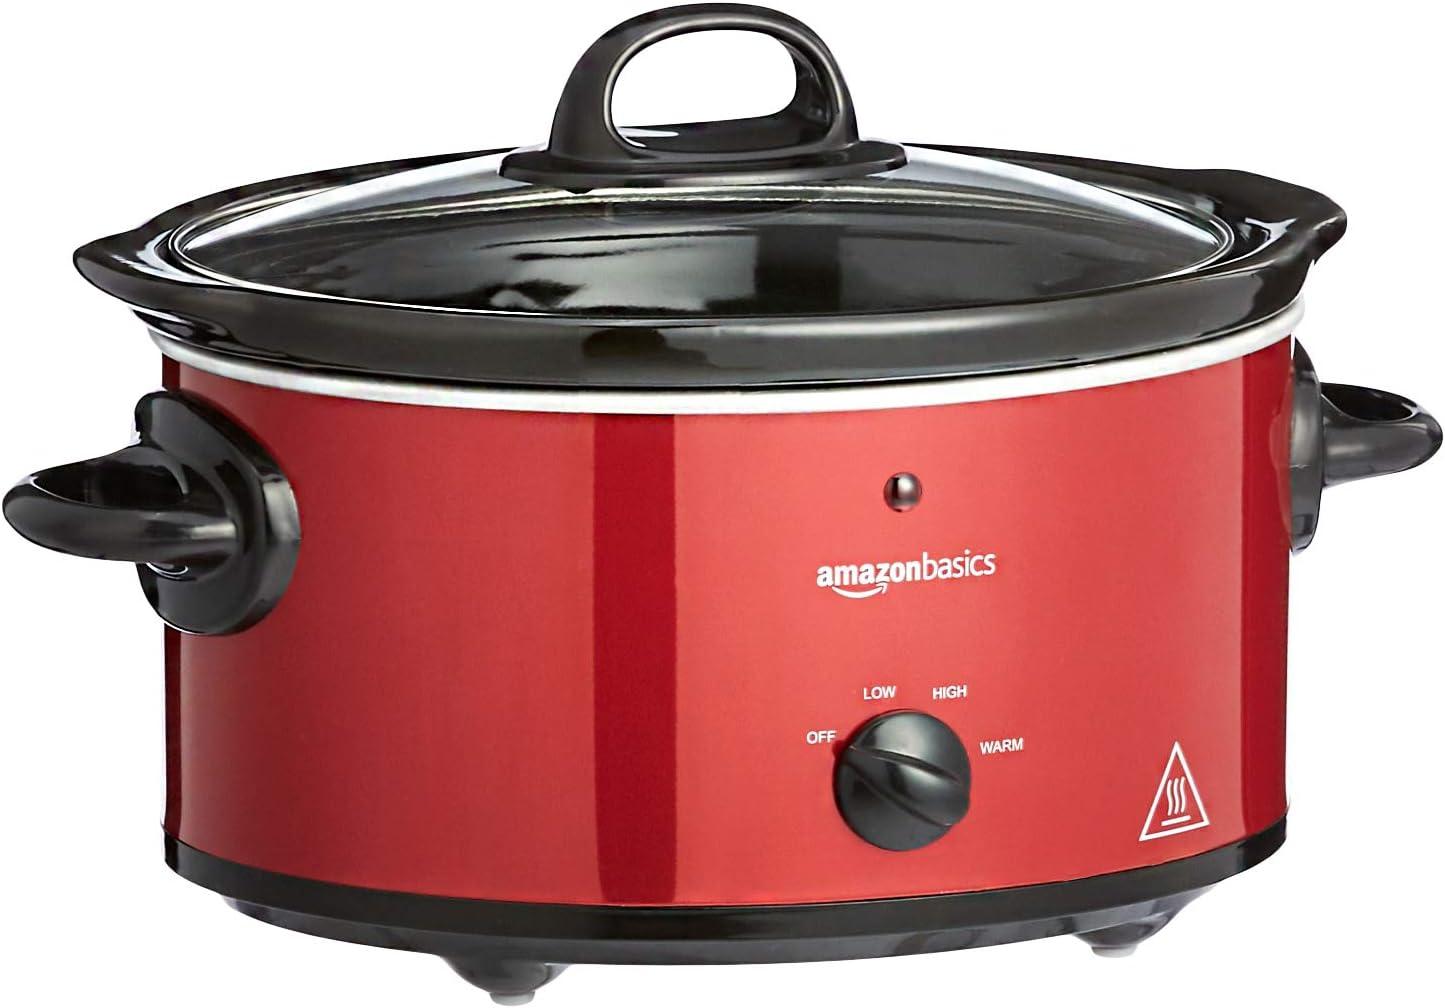 Amazon Basics - Olla de cocción lenta, con 3 niveles de calor y función de mantenimiento del calor, 135-160 W, 3,5 l